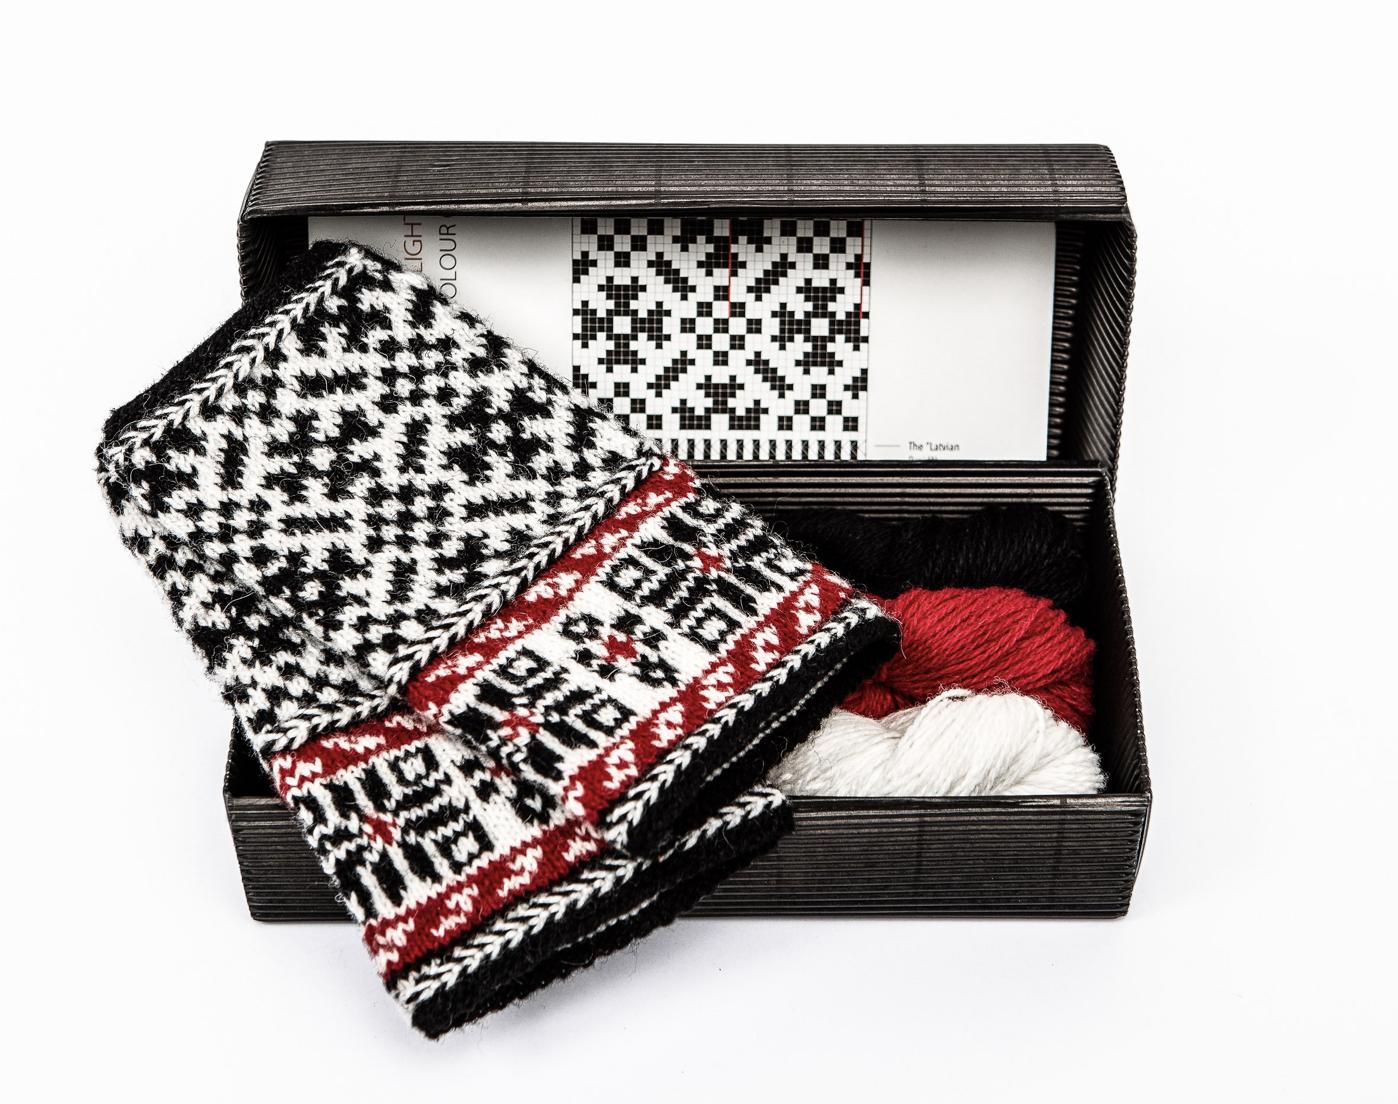 """Hobbywool Fingerless Mittens Knitting Kit """"Twilight"""" 7"""